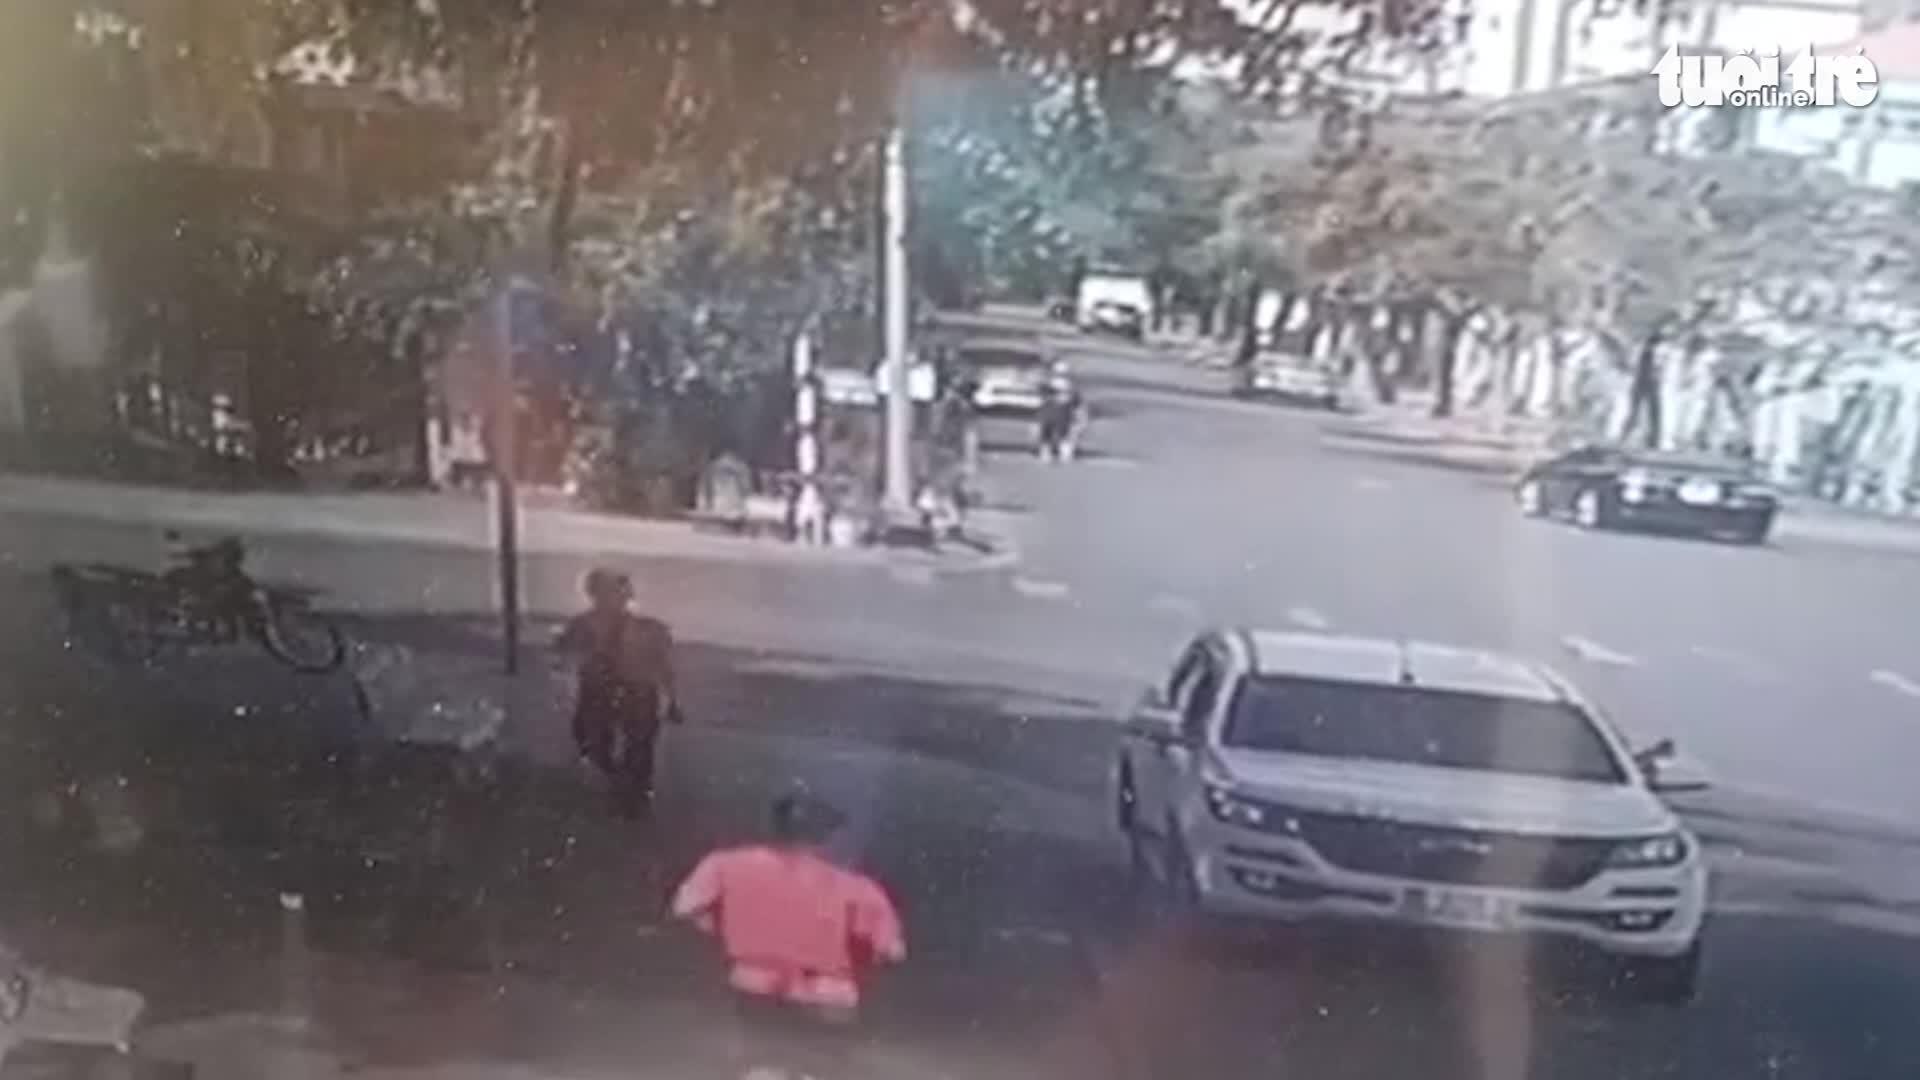 Thấy nam thanh niên đang chạy bộ không đeo khẩu trang, bác bảo vệ bị đánh bầm mặt vì lên tiếng nhắc nhở 0